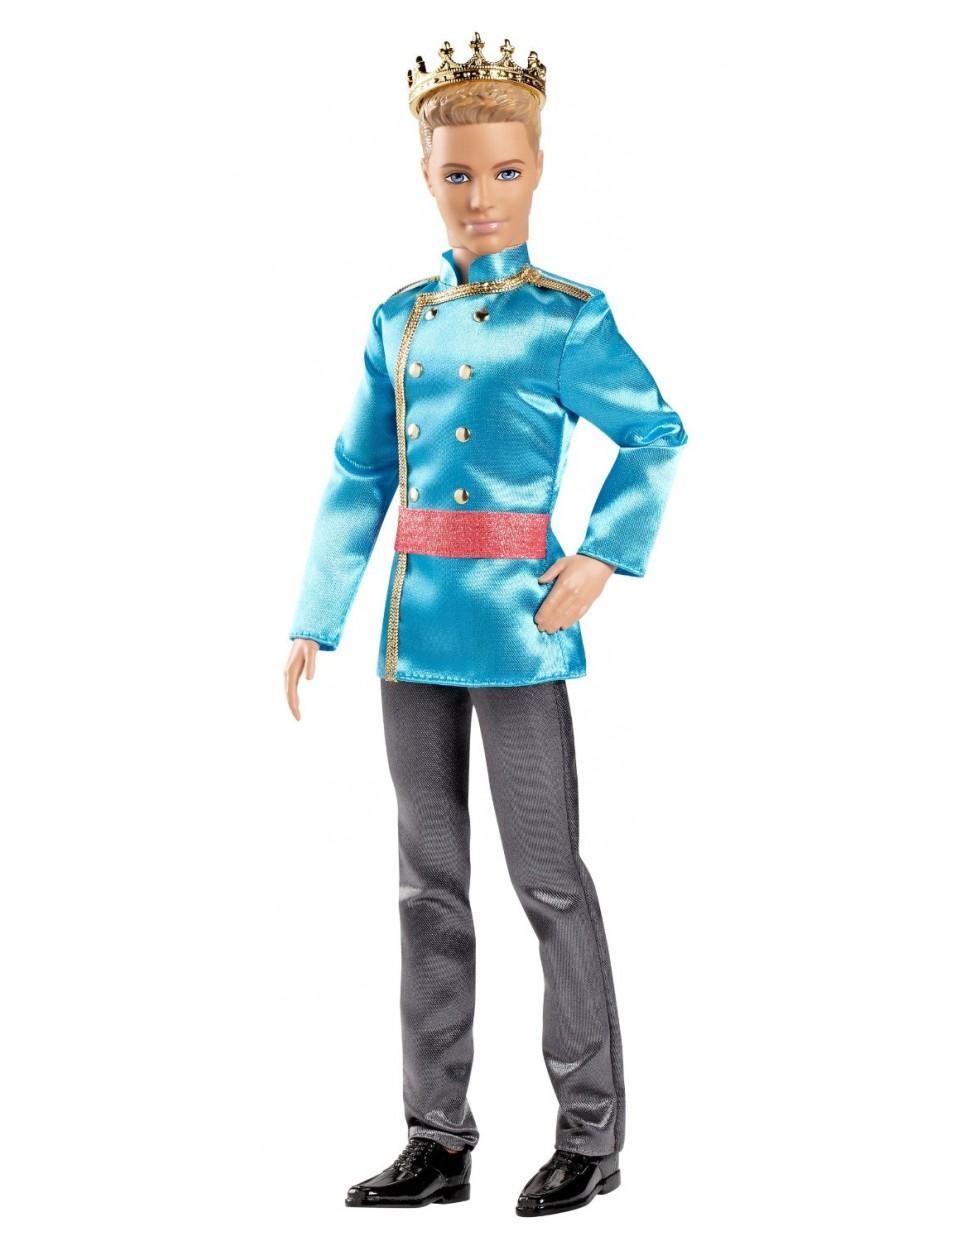 Papusa Printul din Barbie si usa secreta